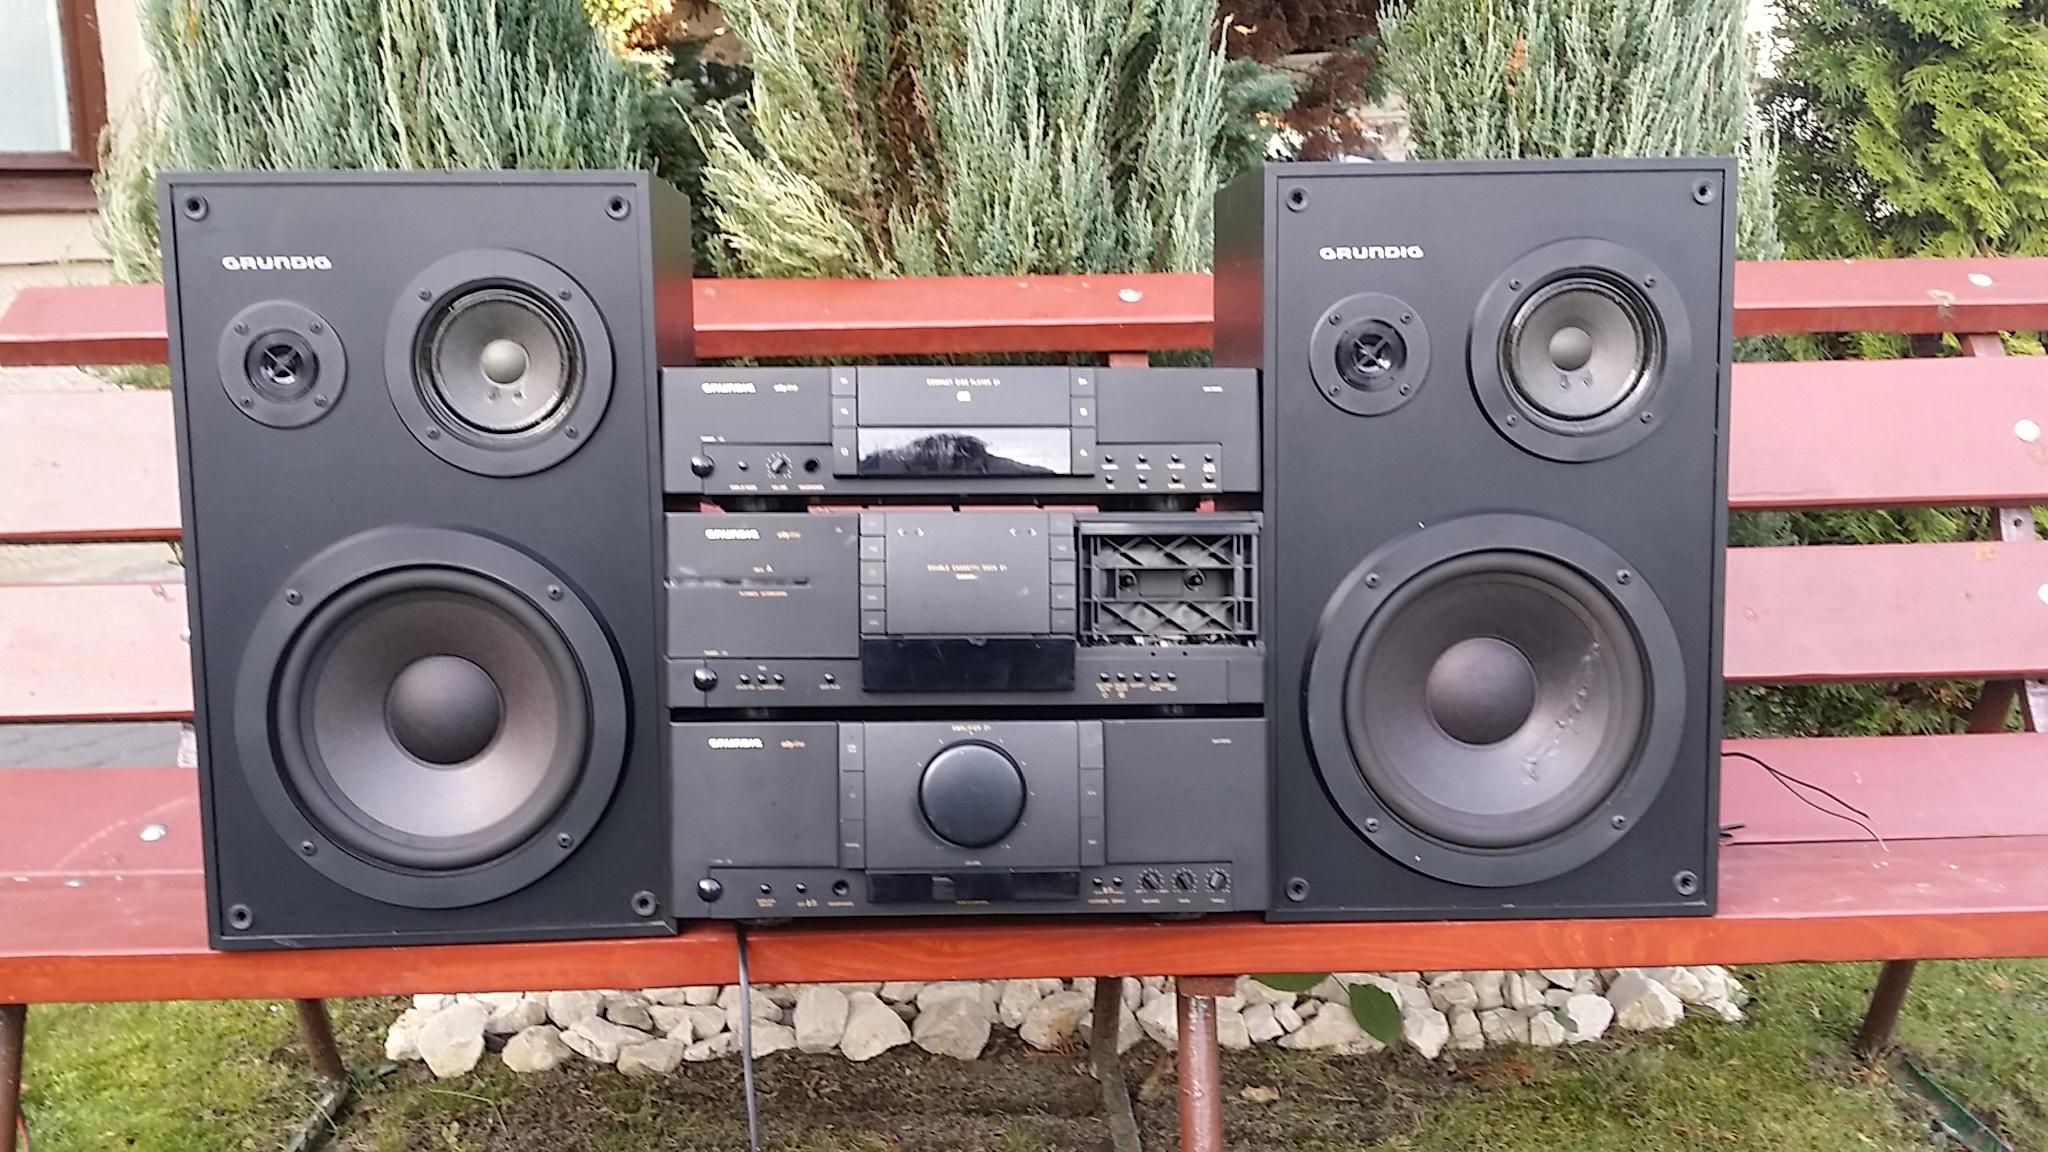 Wzmacniacz GRUNDIG 2x100w + odtwarzacz CD + magnet